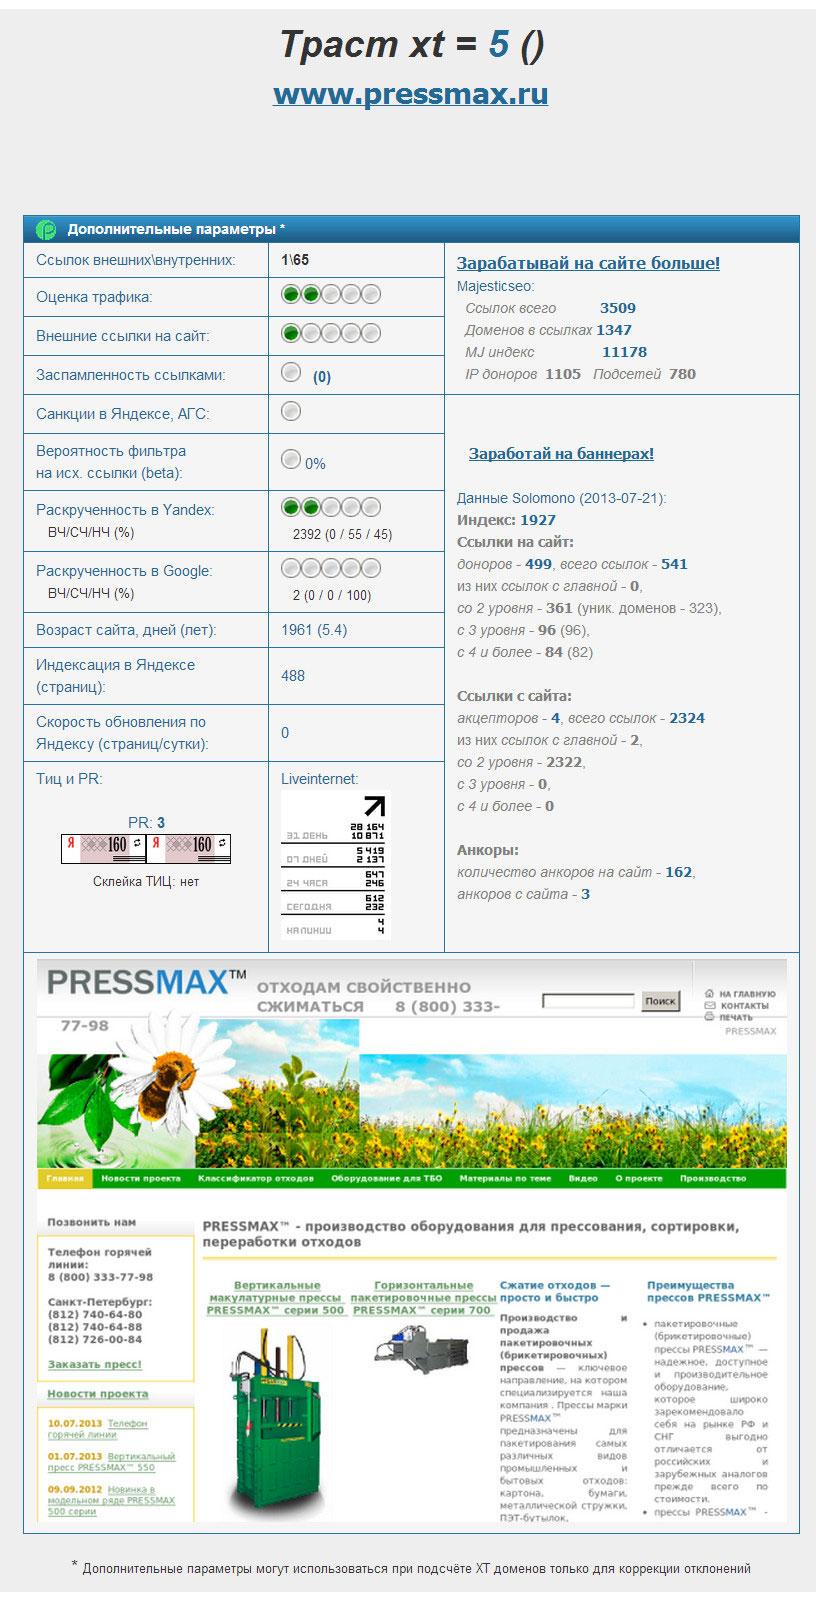 trust_pressmax_ru-2013